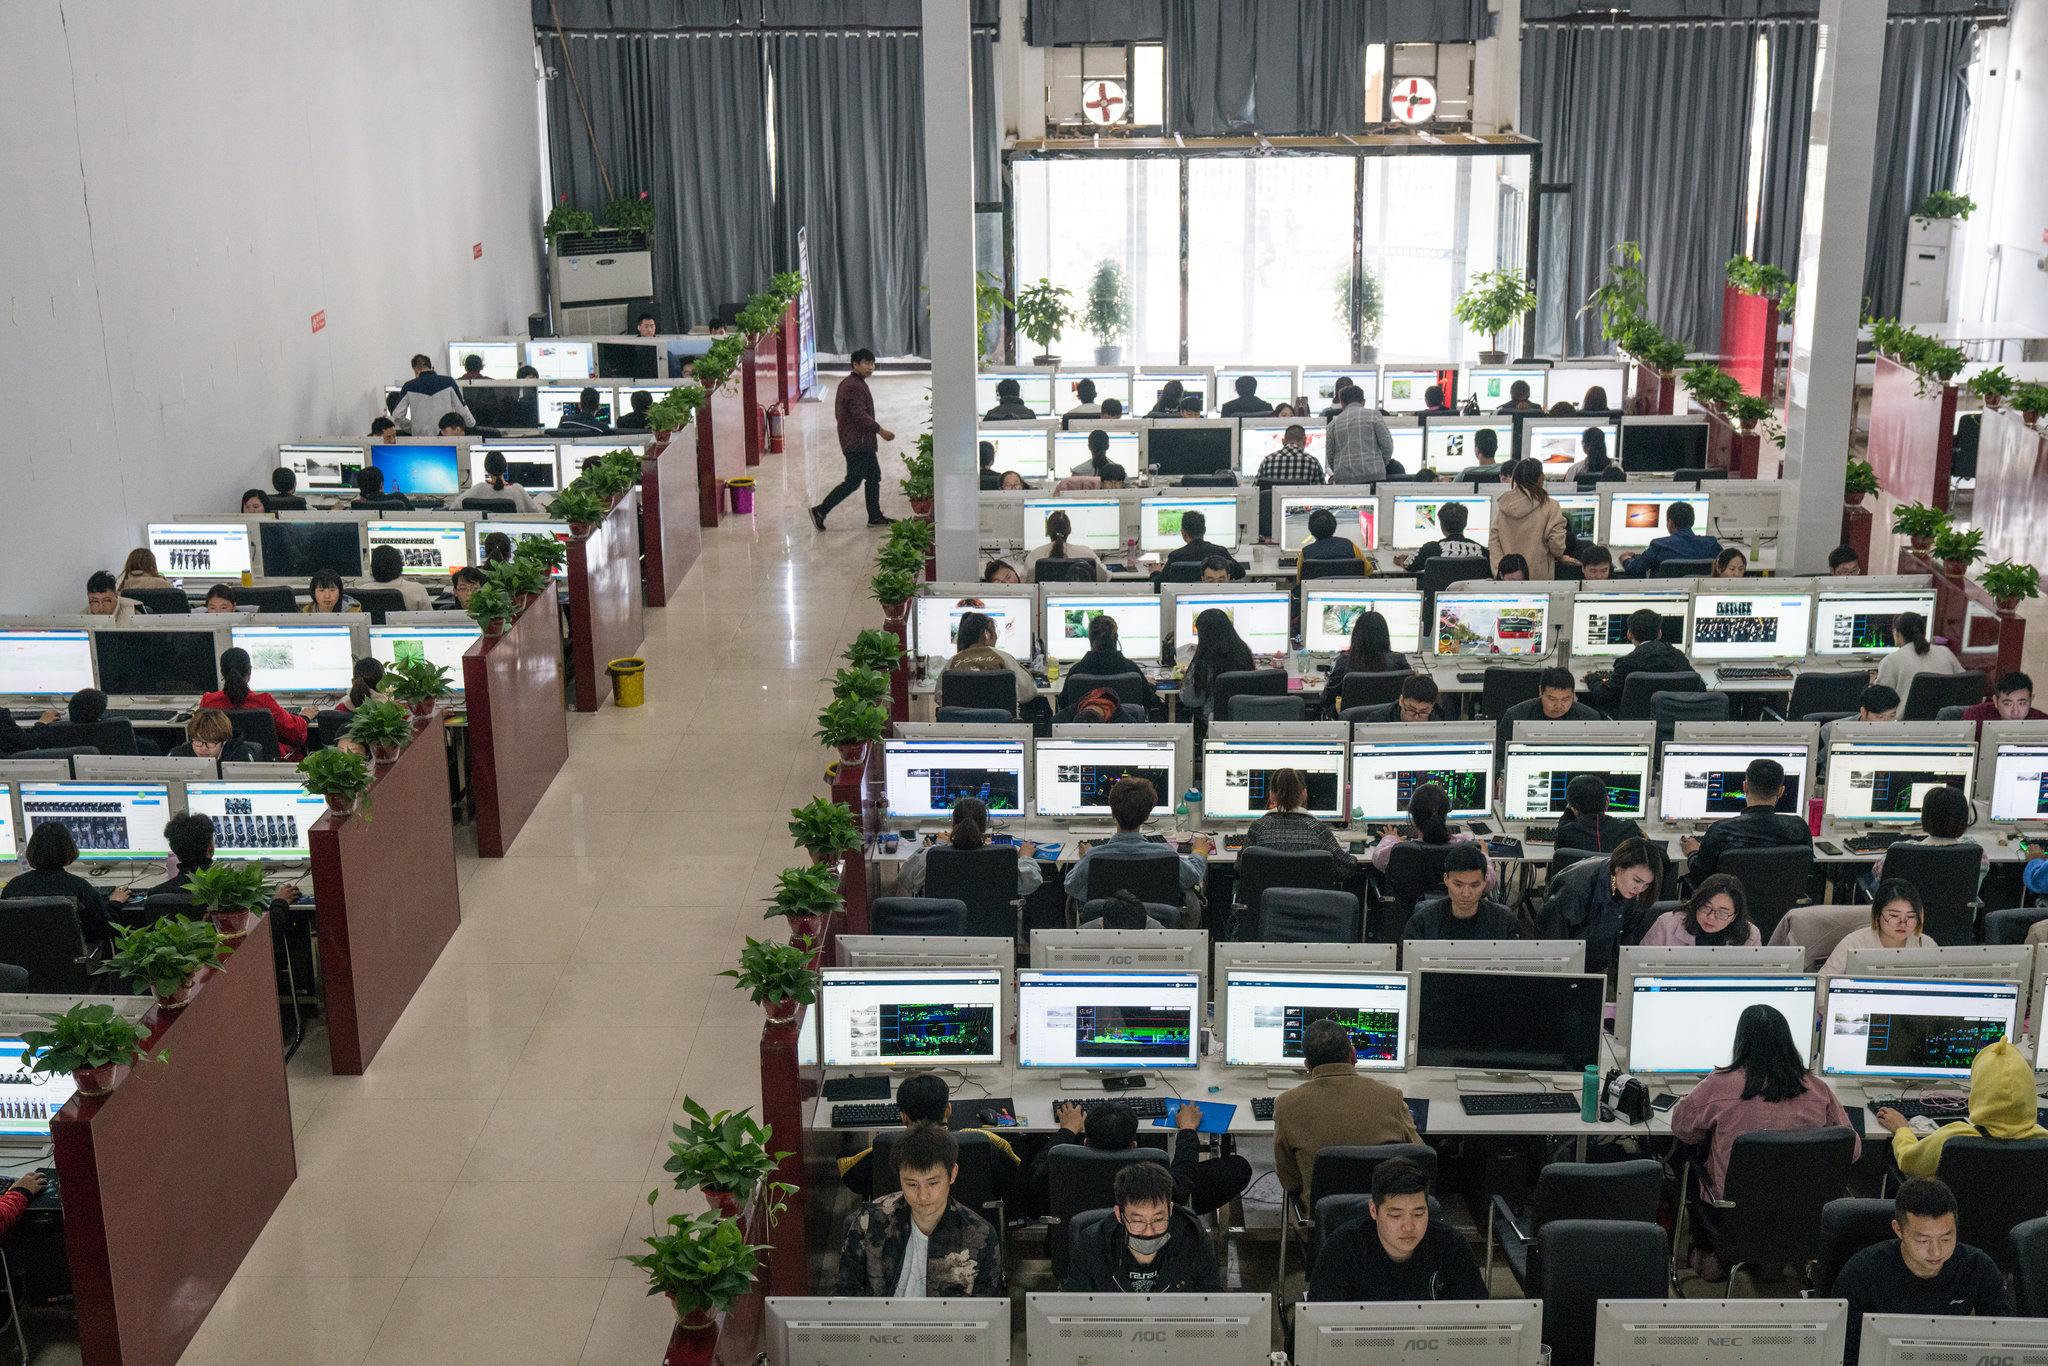 Nhận diện tầng lớp công nhân dữ liệu trong thời đại trí tuệ nhân tạo